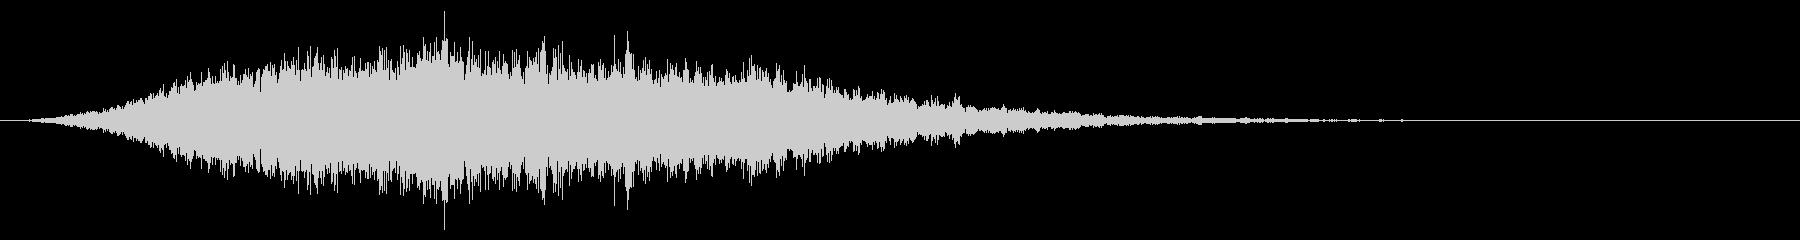 高弦楽器アクセント-不気味の未再生の波形